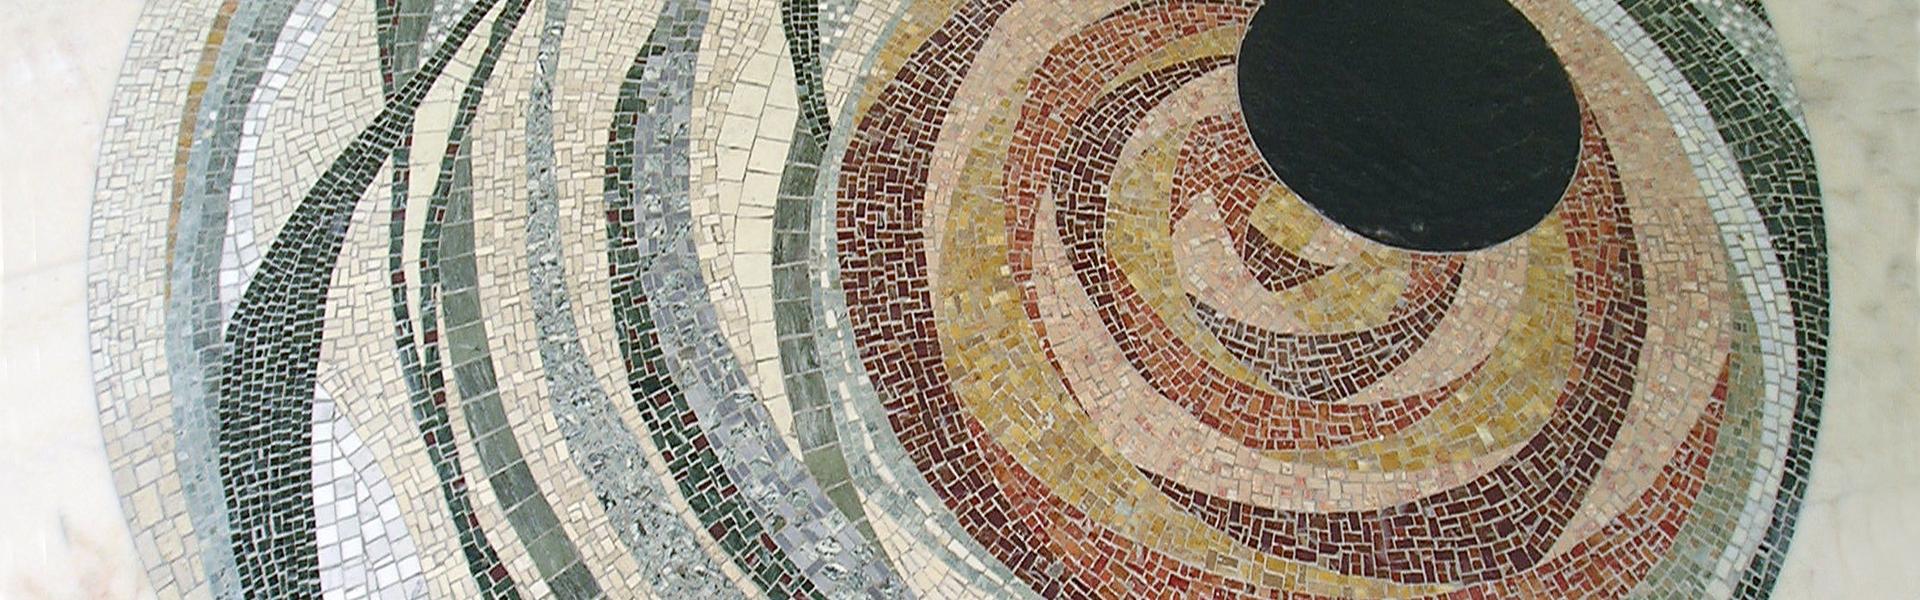 pavimento realizzato in mosaico